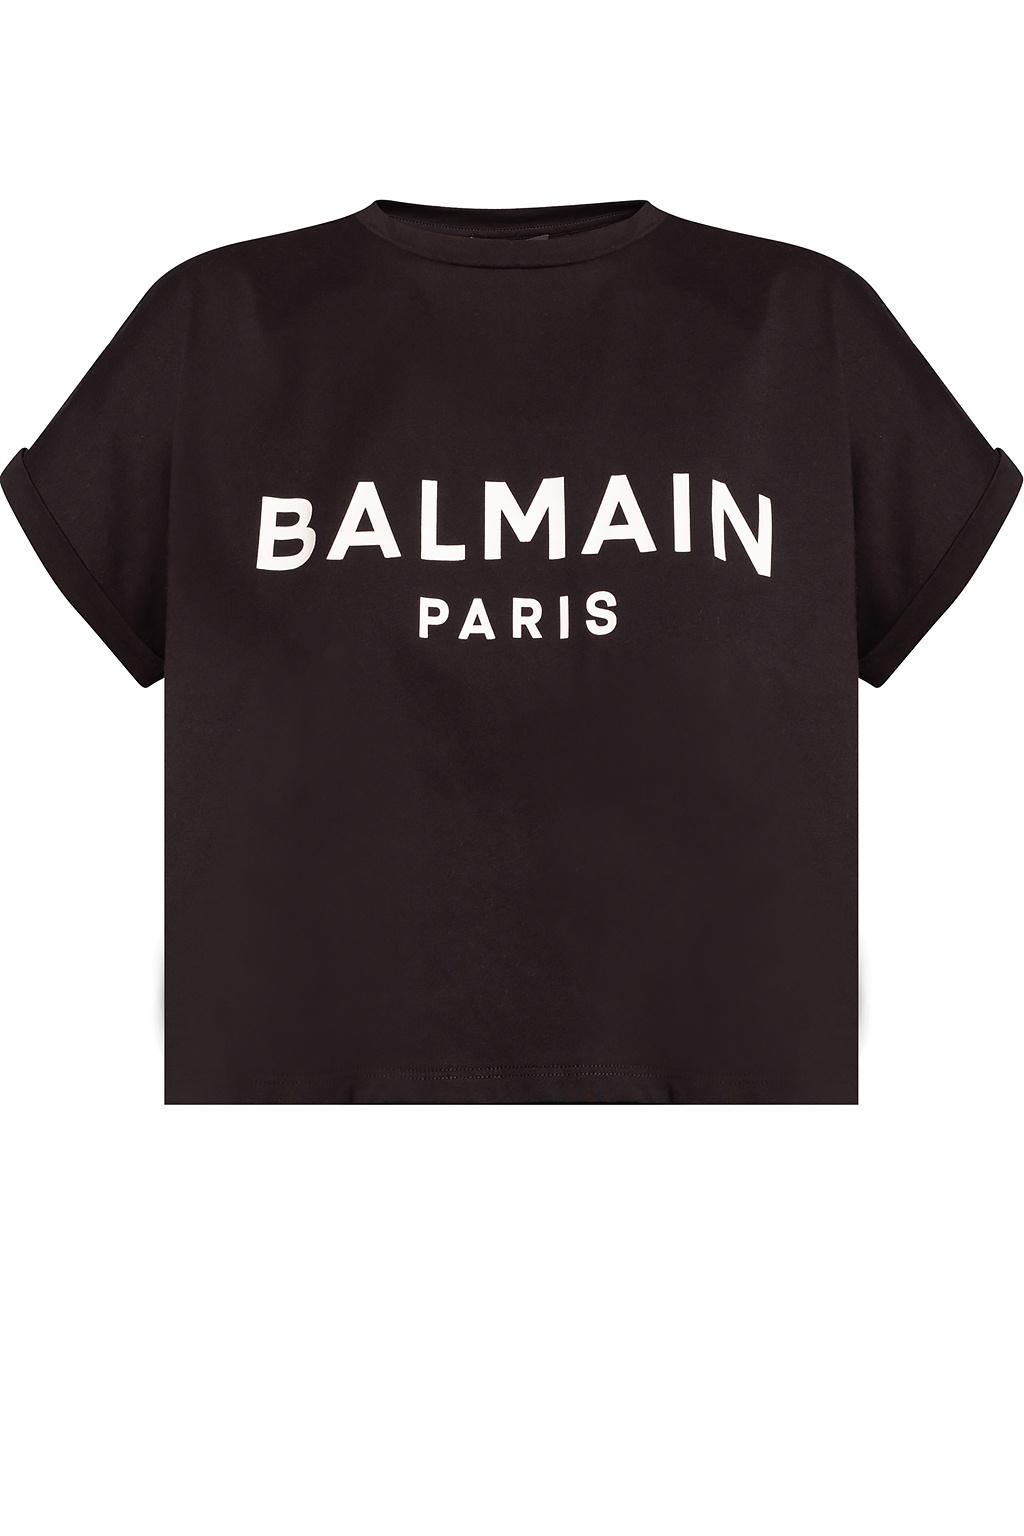 Balmain Cropped T-shirt